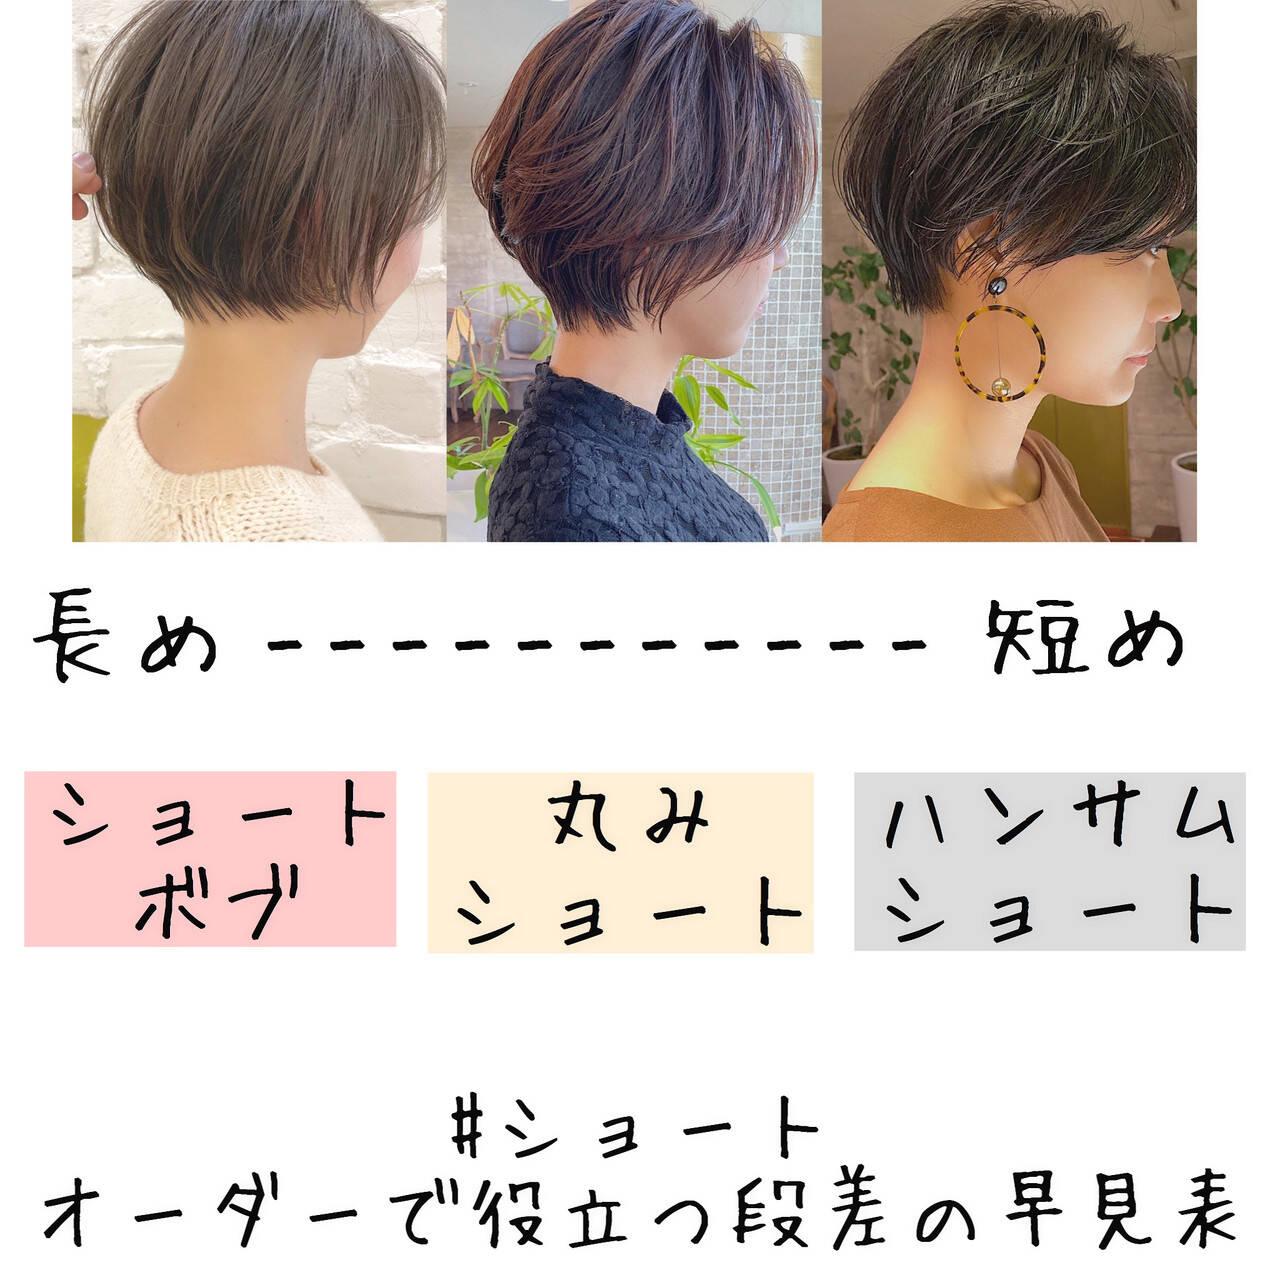 ナチュラル ベリーショート ショートヘア ミニボブヘアスタイルや髪型の写真・画像